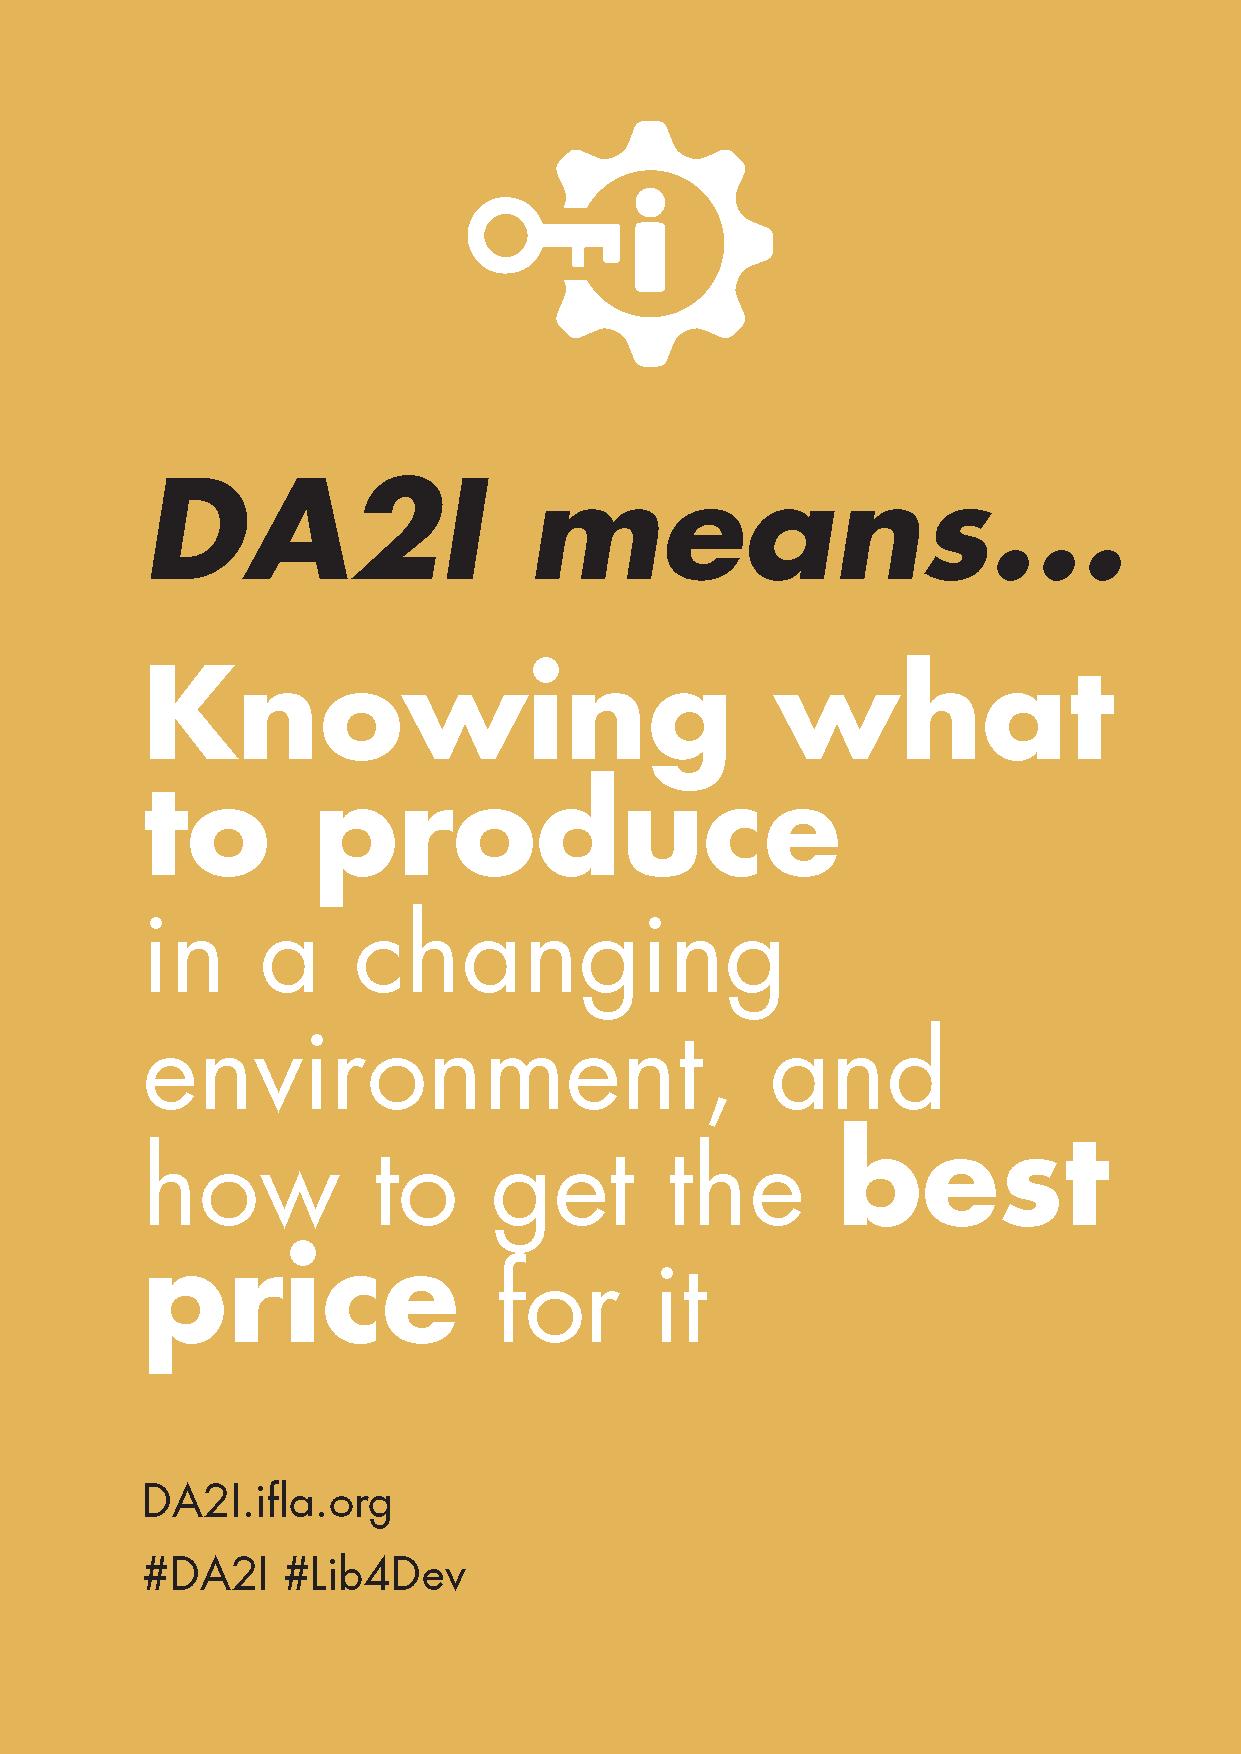 DA2I Postcard SDG 2